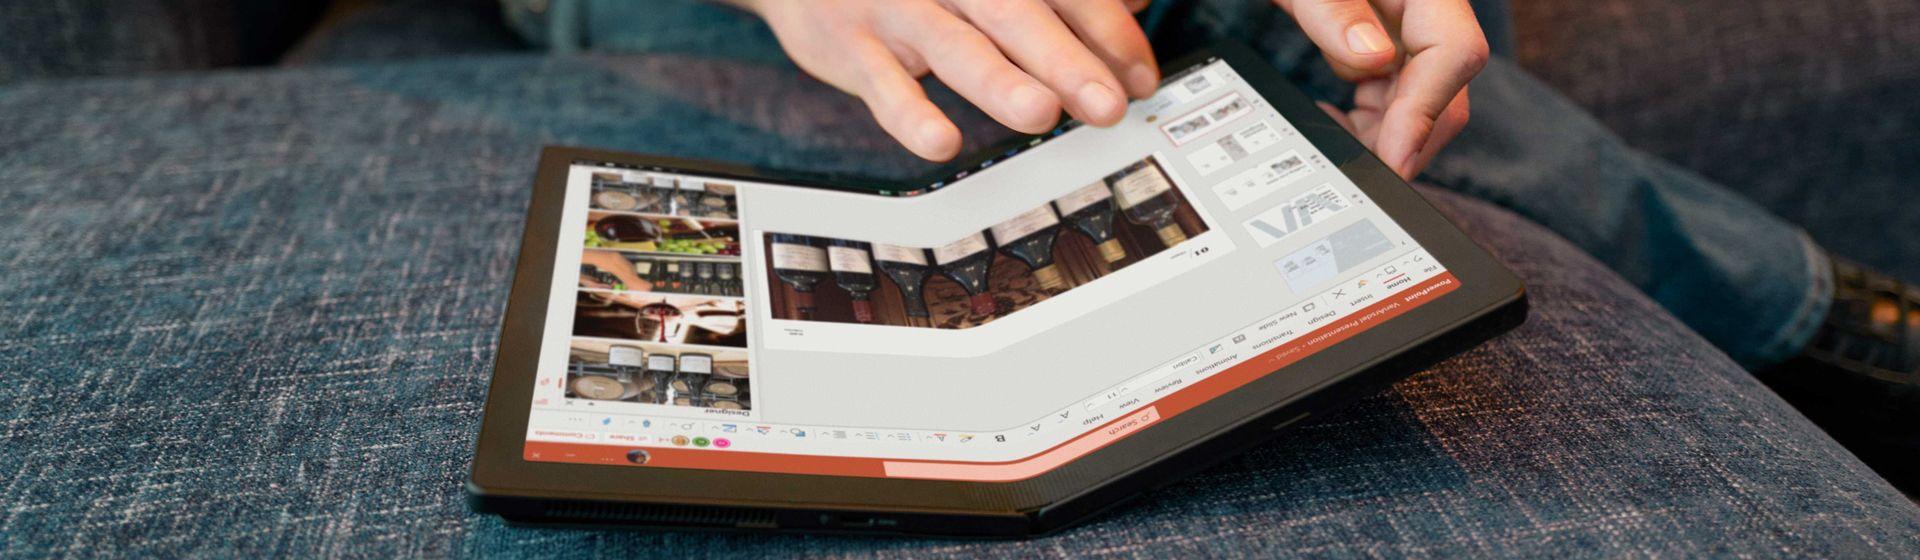 Lenovo lança ThinkPad X1 Fold e X1 Nano com 5G